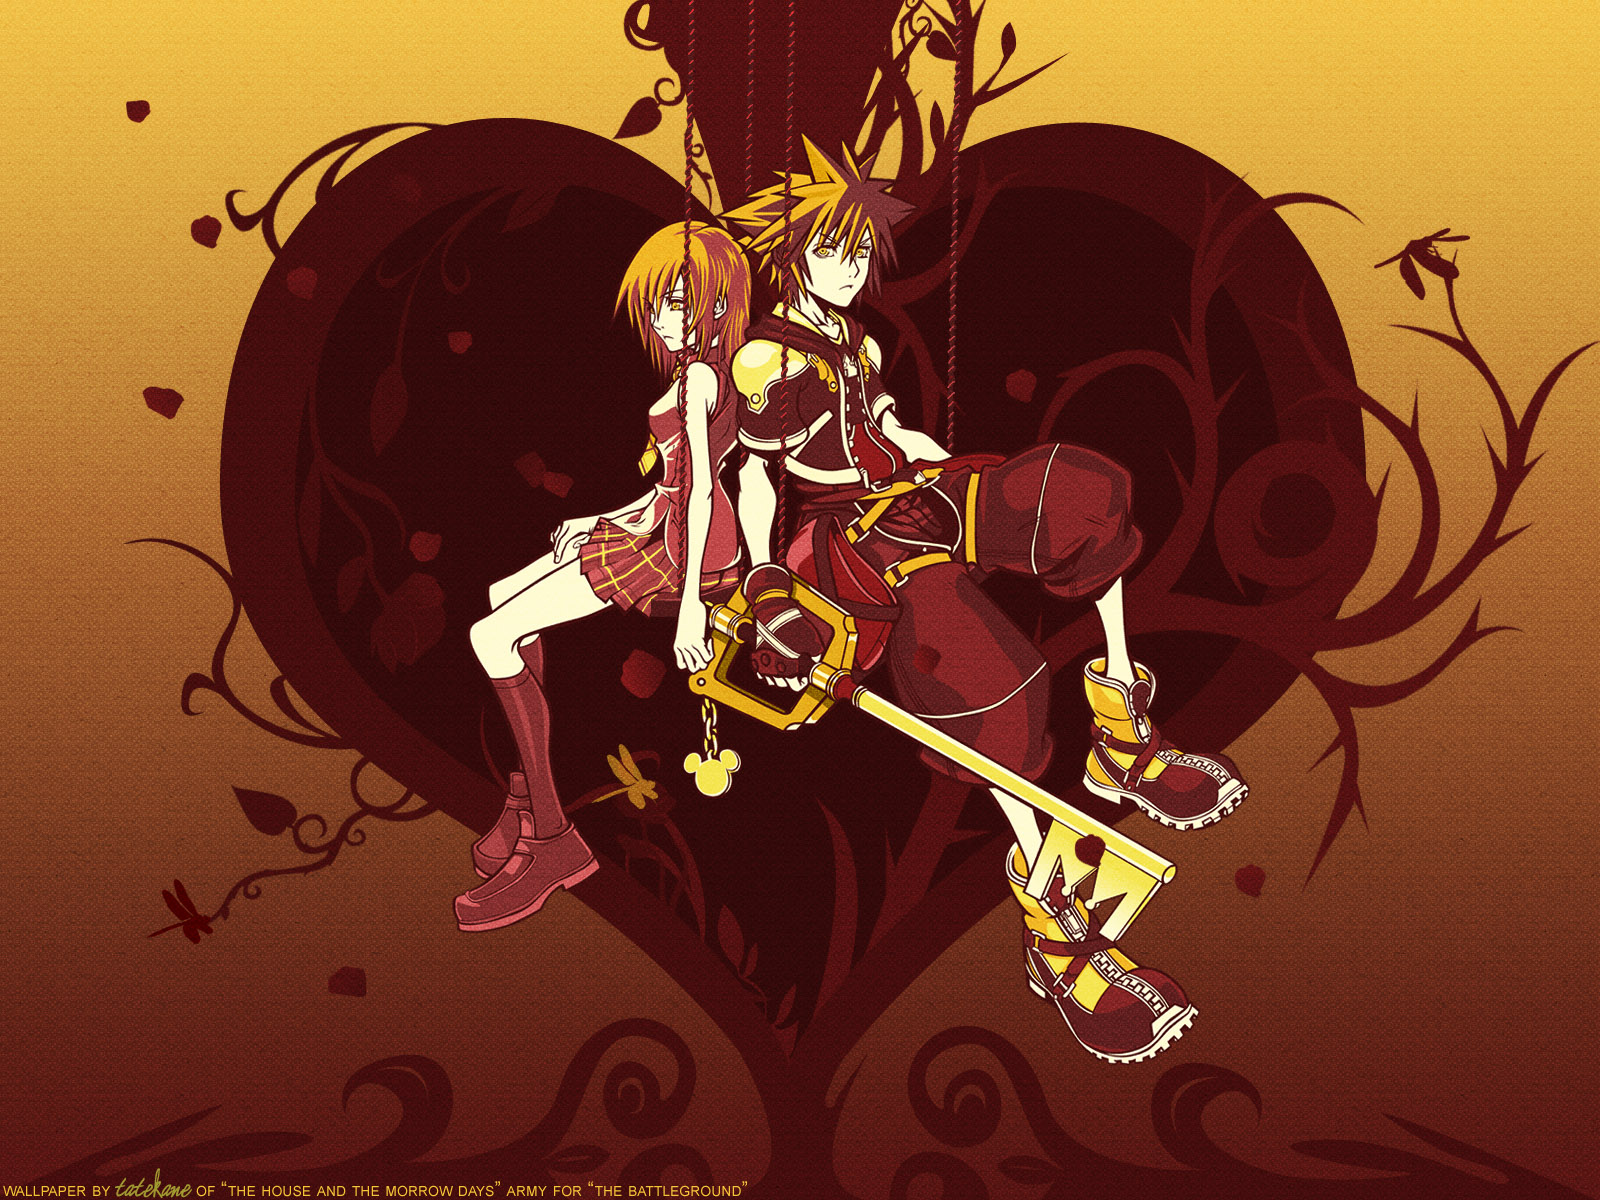 Kingdom Hearts Wallpaper: Tree of Heart xD - Minitokyo